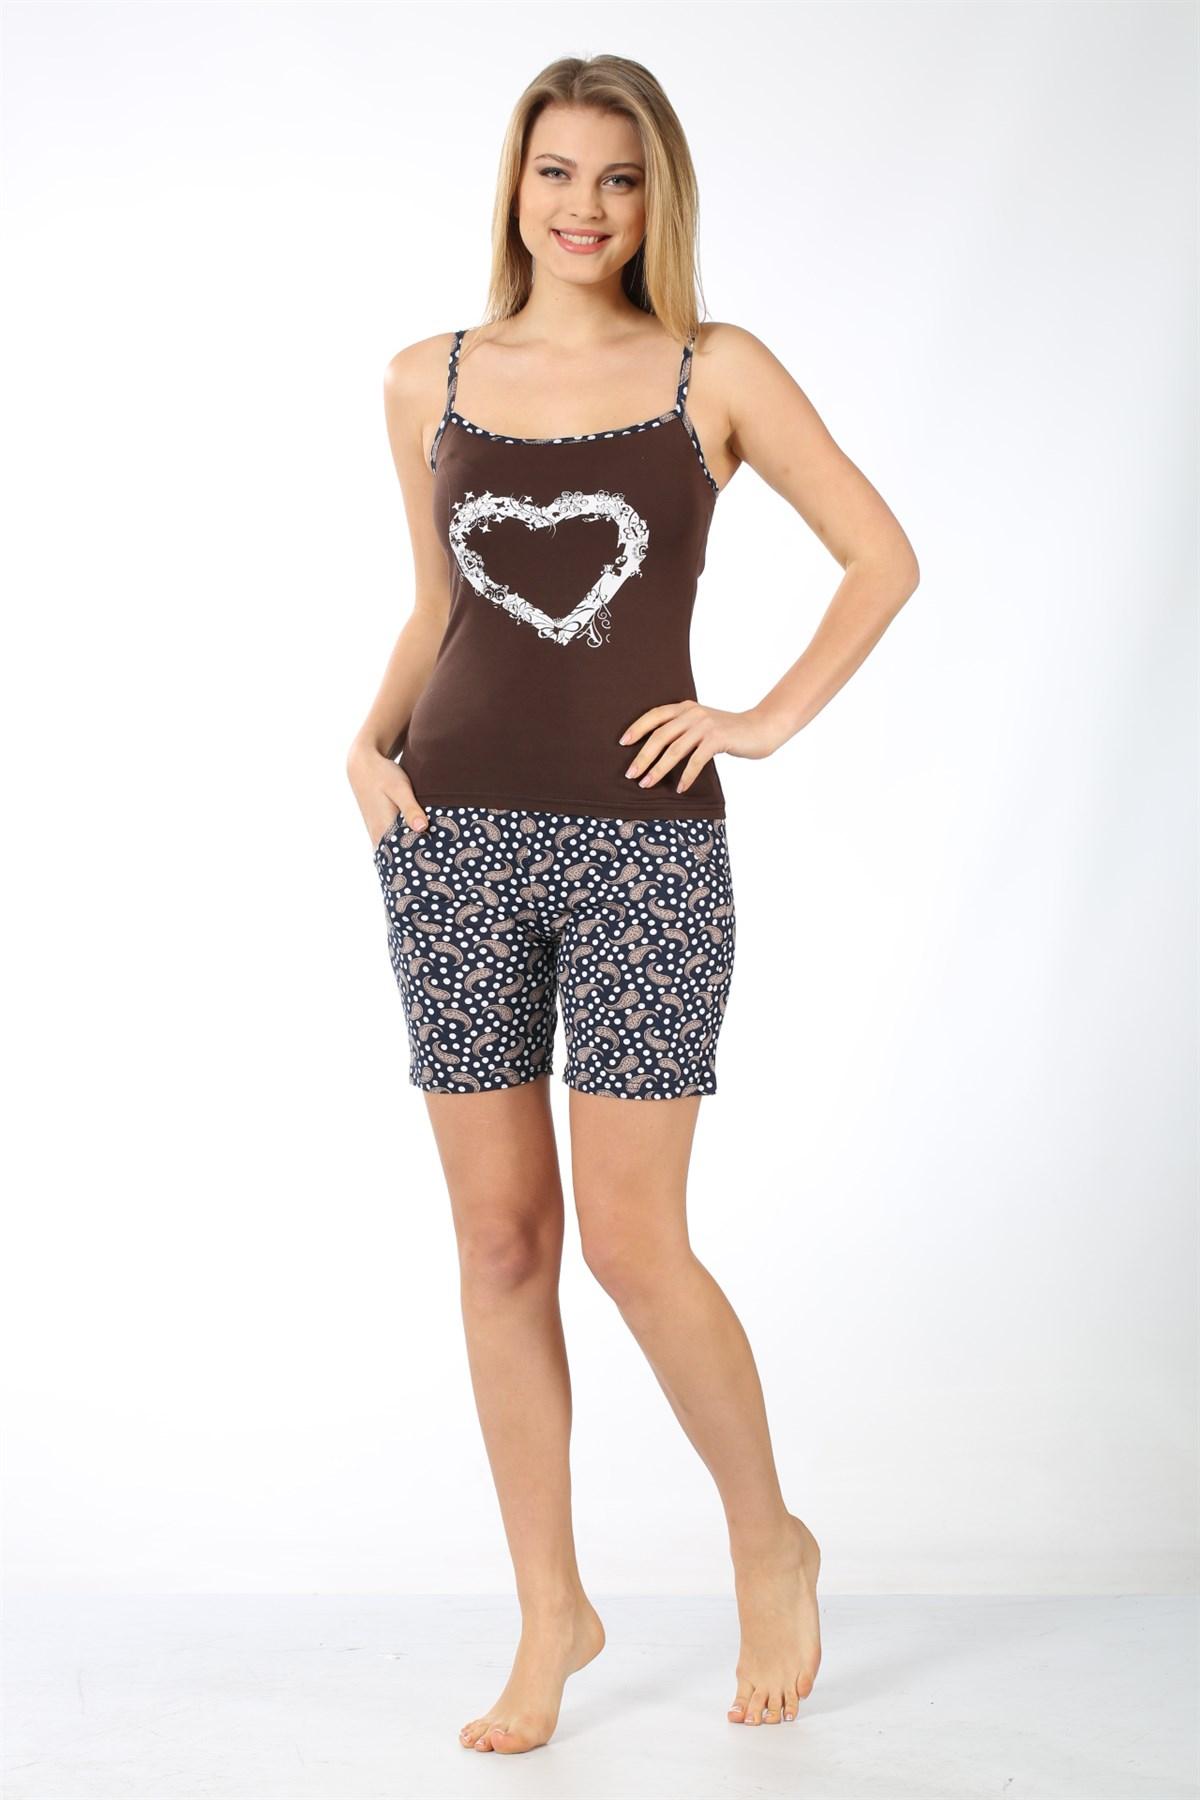 Moda Çizgi Kadın İp Askılı Kahve Cep Şortlu Pijama Takımı 787